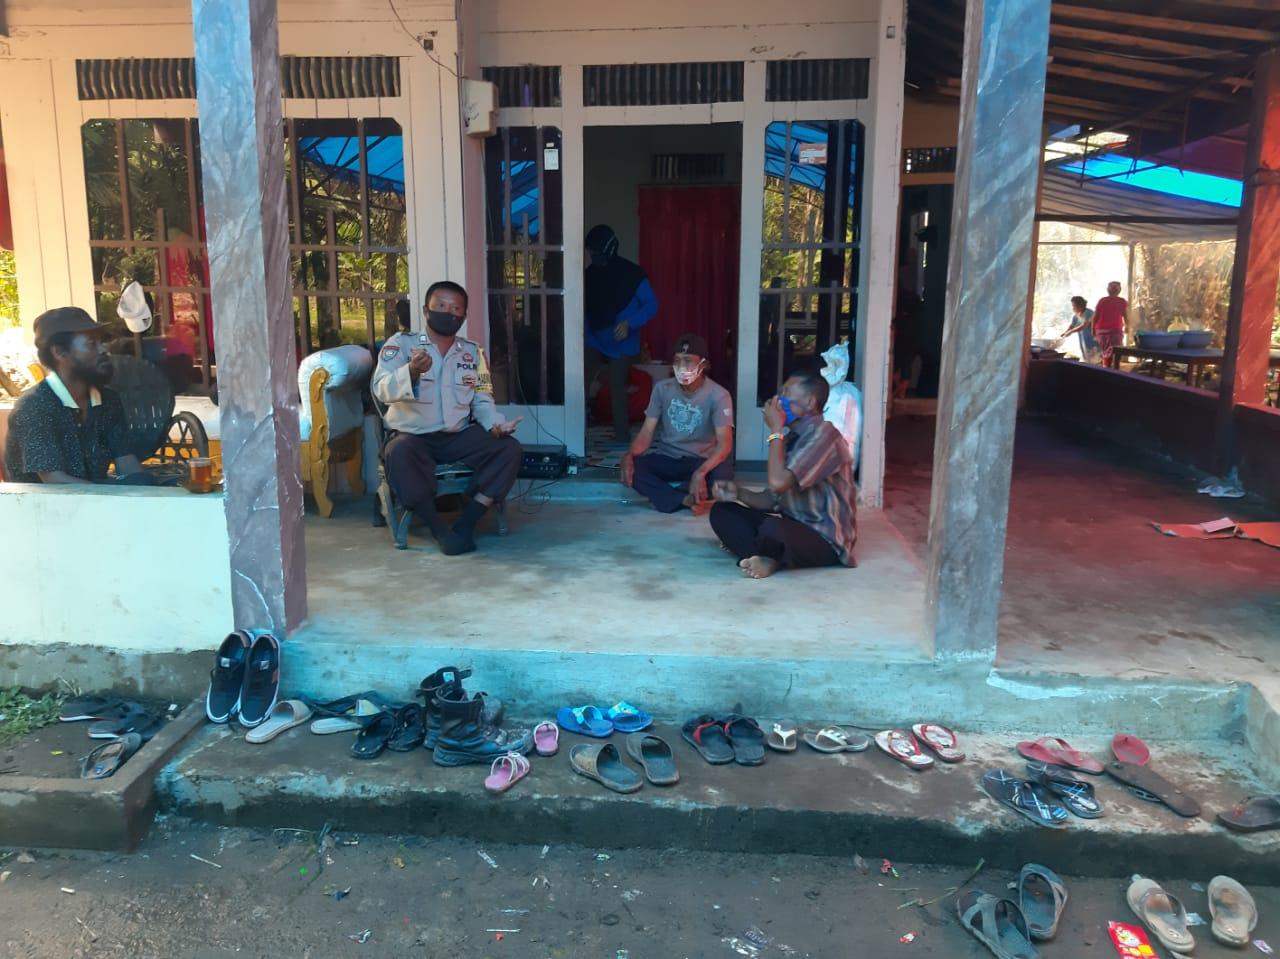 Bhabinkamtibmas Desa Sidodadi Ajak Warga Patuhi Protokol Kesehatan